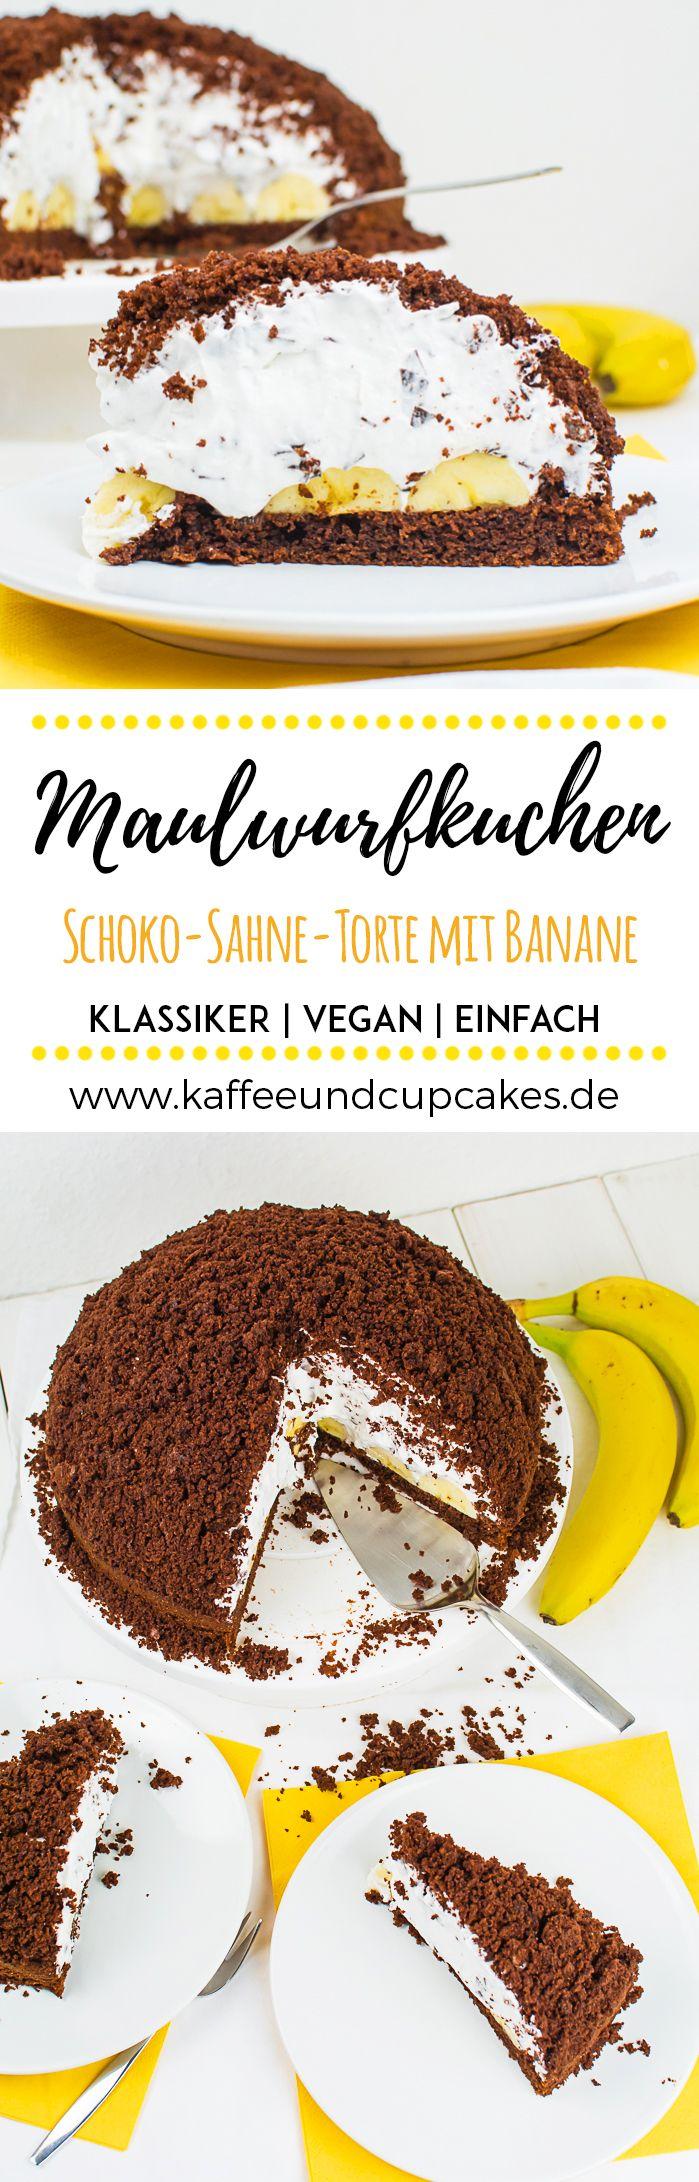 Veganer Maulwurfkuchen #veganermaulwurfkuchen